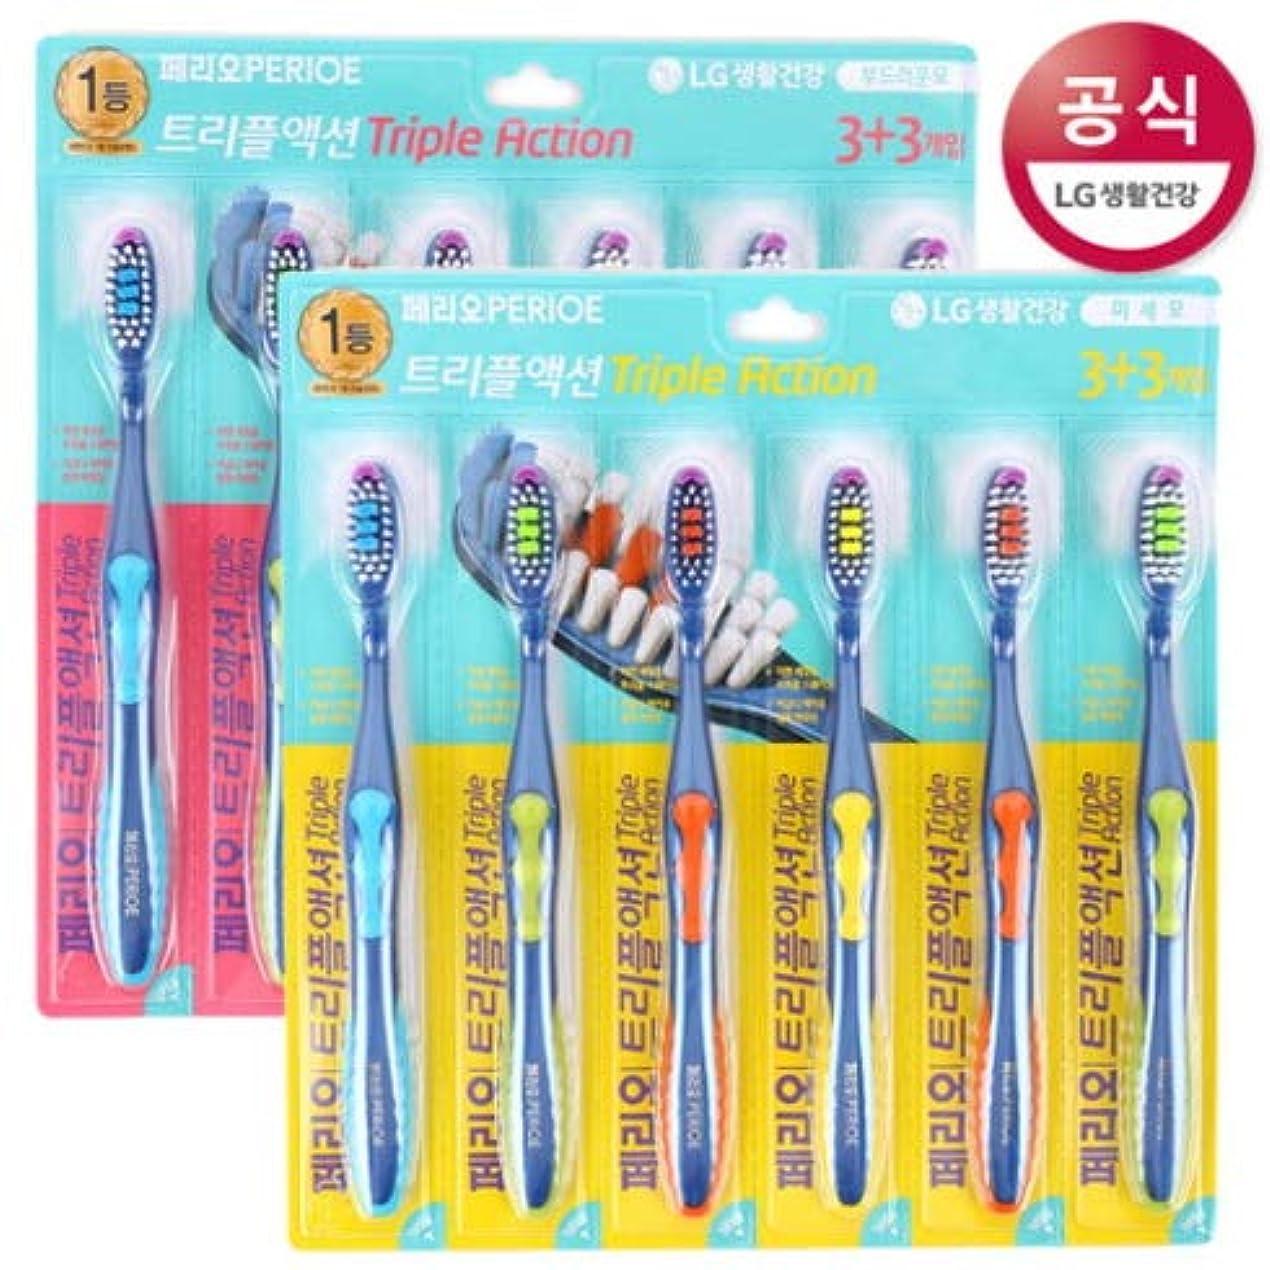 傷つきやすい女性スープ[LG HnB] Perio Triple Action Toothbrush/ペリオトリプルアクション歯ブラシ 6口x2個(海外直送品)